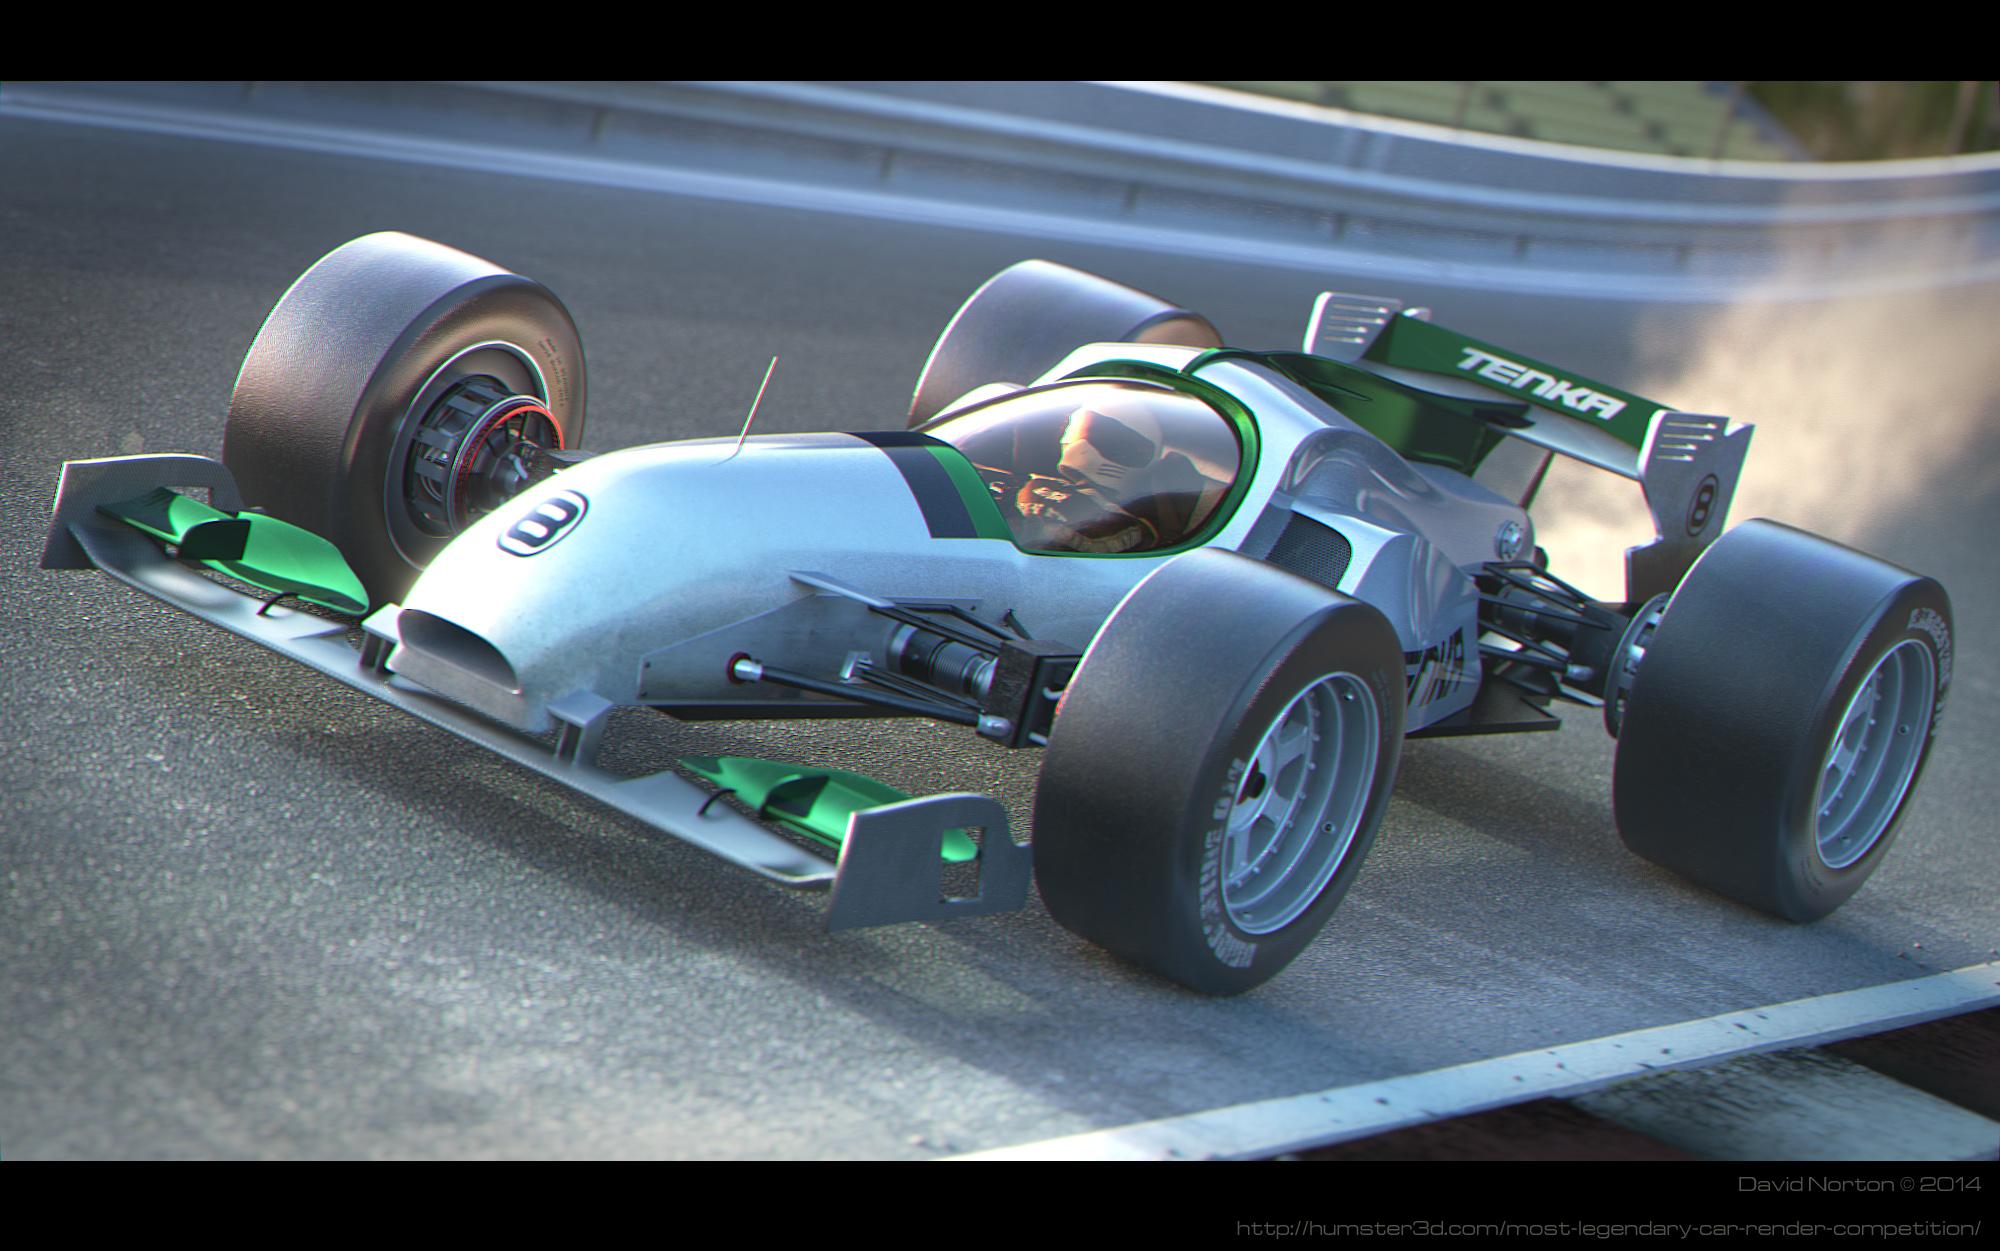 Tenka Firestorm - Open-wheeler concept 3d art